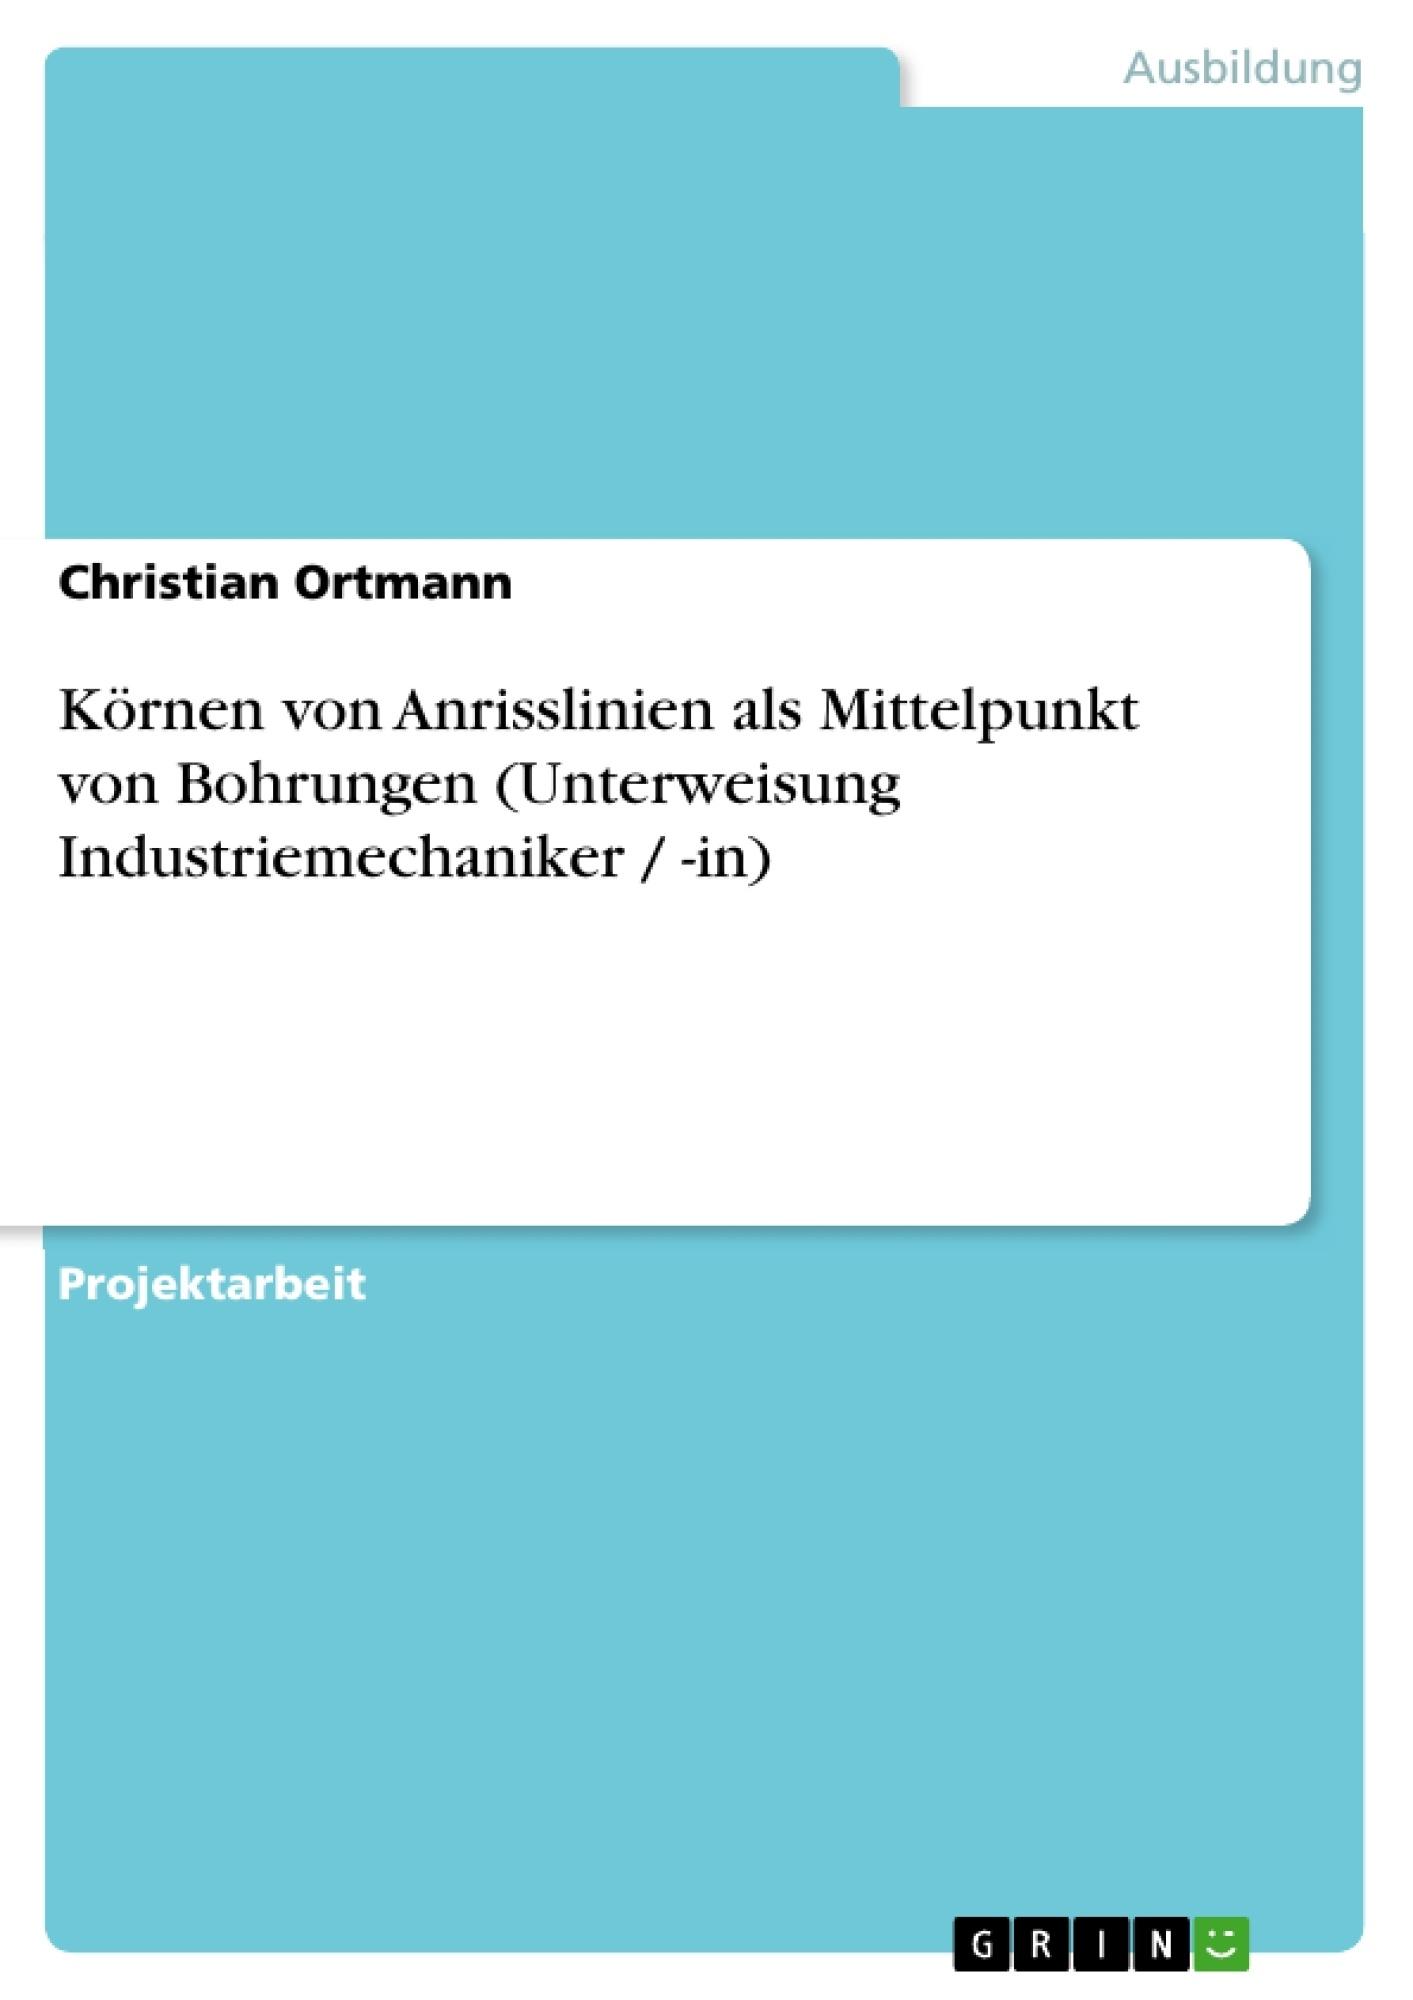 Titel: Körnen von Anrisslinien als Mittelpunkt von Bohrungen (Unterweisung Industriemechaniker / -in)